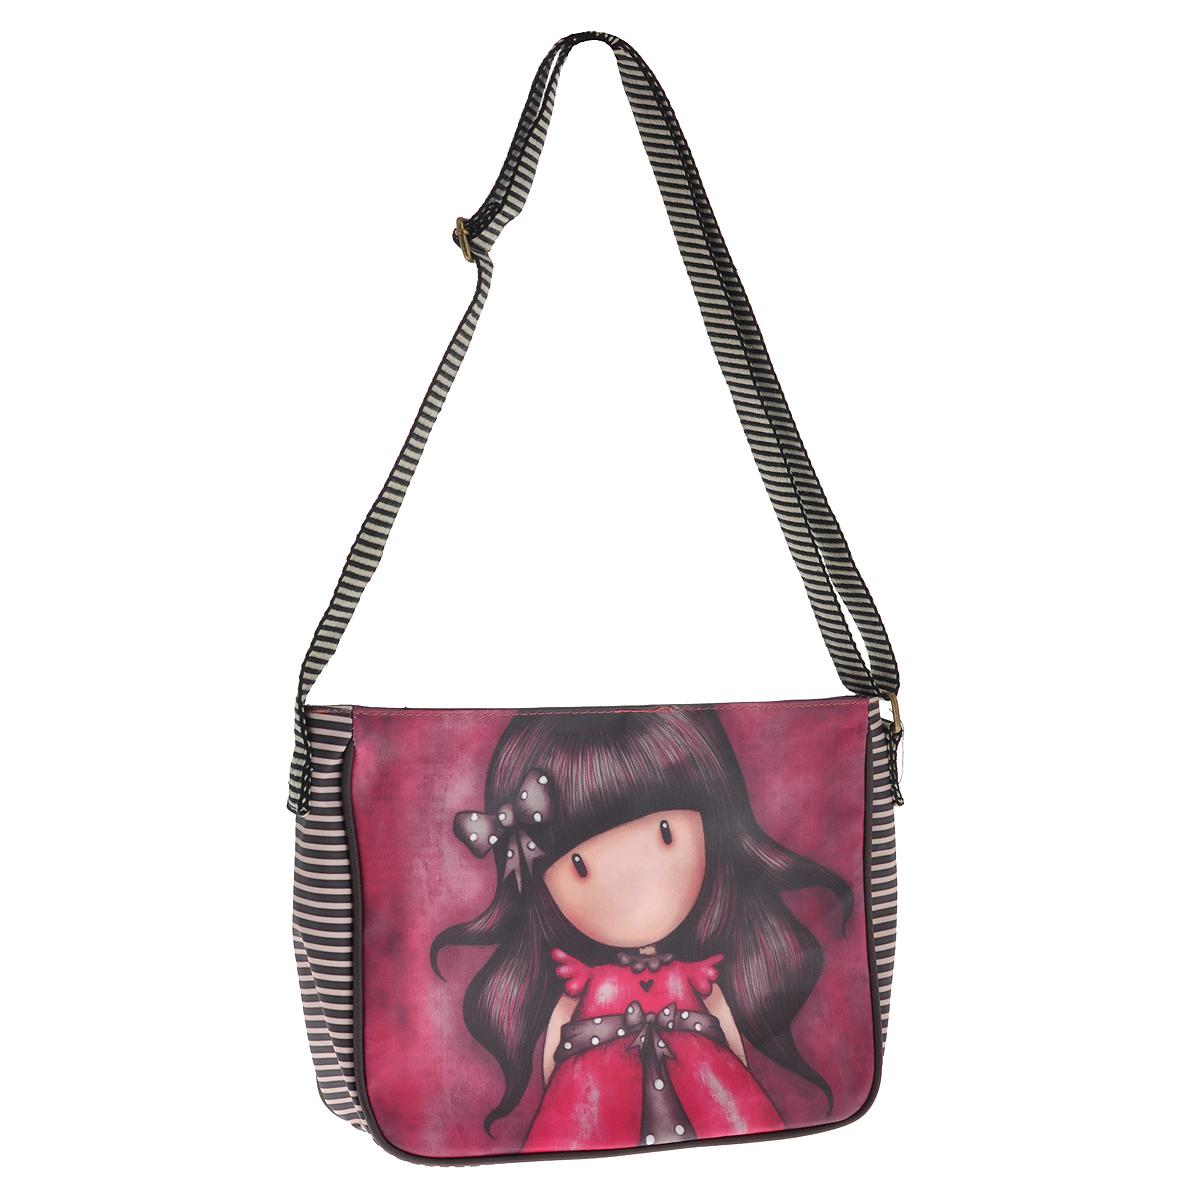 Сумка Ladybird, цвет: малиновый. 00122270012227Стильная сумка Ladybird выполнена из хлопка и полипропилена и украшена принтом с очаровательной девочкой. Сумка состоит из одного основного отделения, закрывающегося на молнию, на лицевой стороне сумки имеется кармашек на молнии. Внутри - накладной кармашек для мелочей и вшитый карман на молнии. Для удобной переноски на плече предусмотрена широкая регулируемая лямка. К сумке прилагается яркий и милый брелок. Такая сумка идеально дополнит и подчеркнет ваш неповторимый образ.